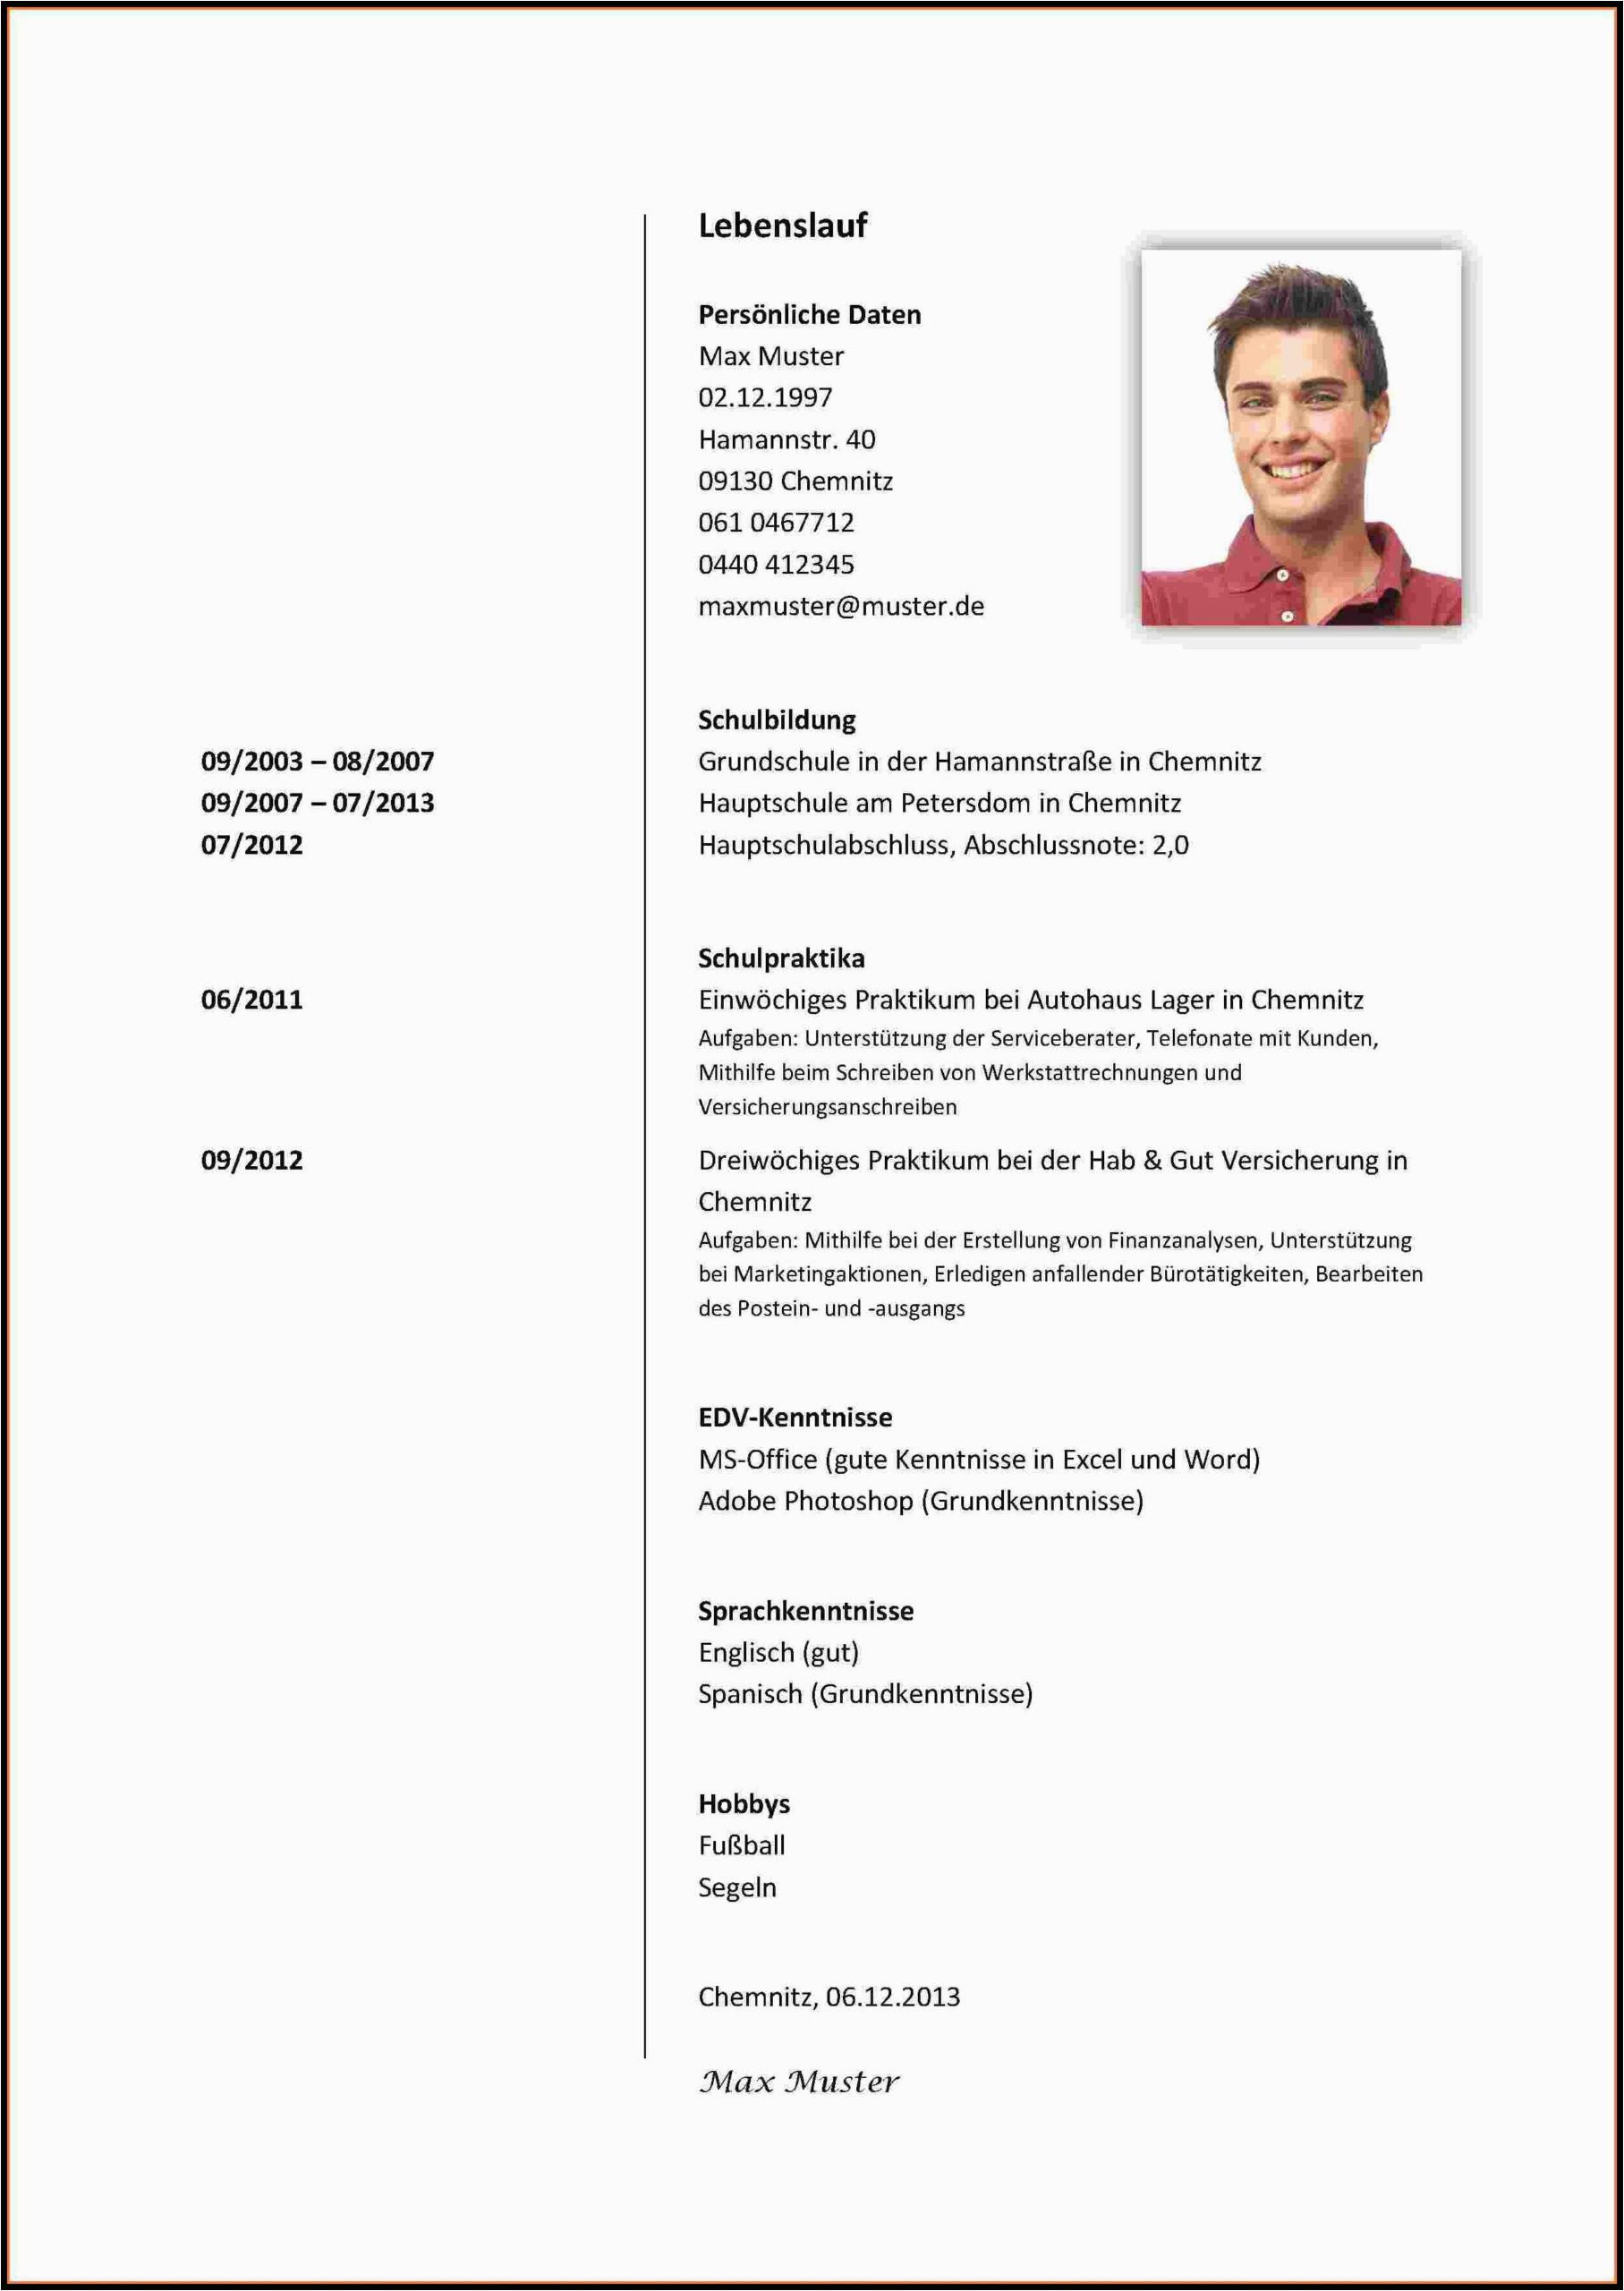 muster lebenslauf vorlage vordruck kostenlos word schueler vorlagen gratis englisch schulbewerbung 7 schlerpraktikum deckblatt facharbeit